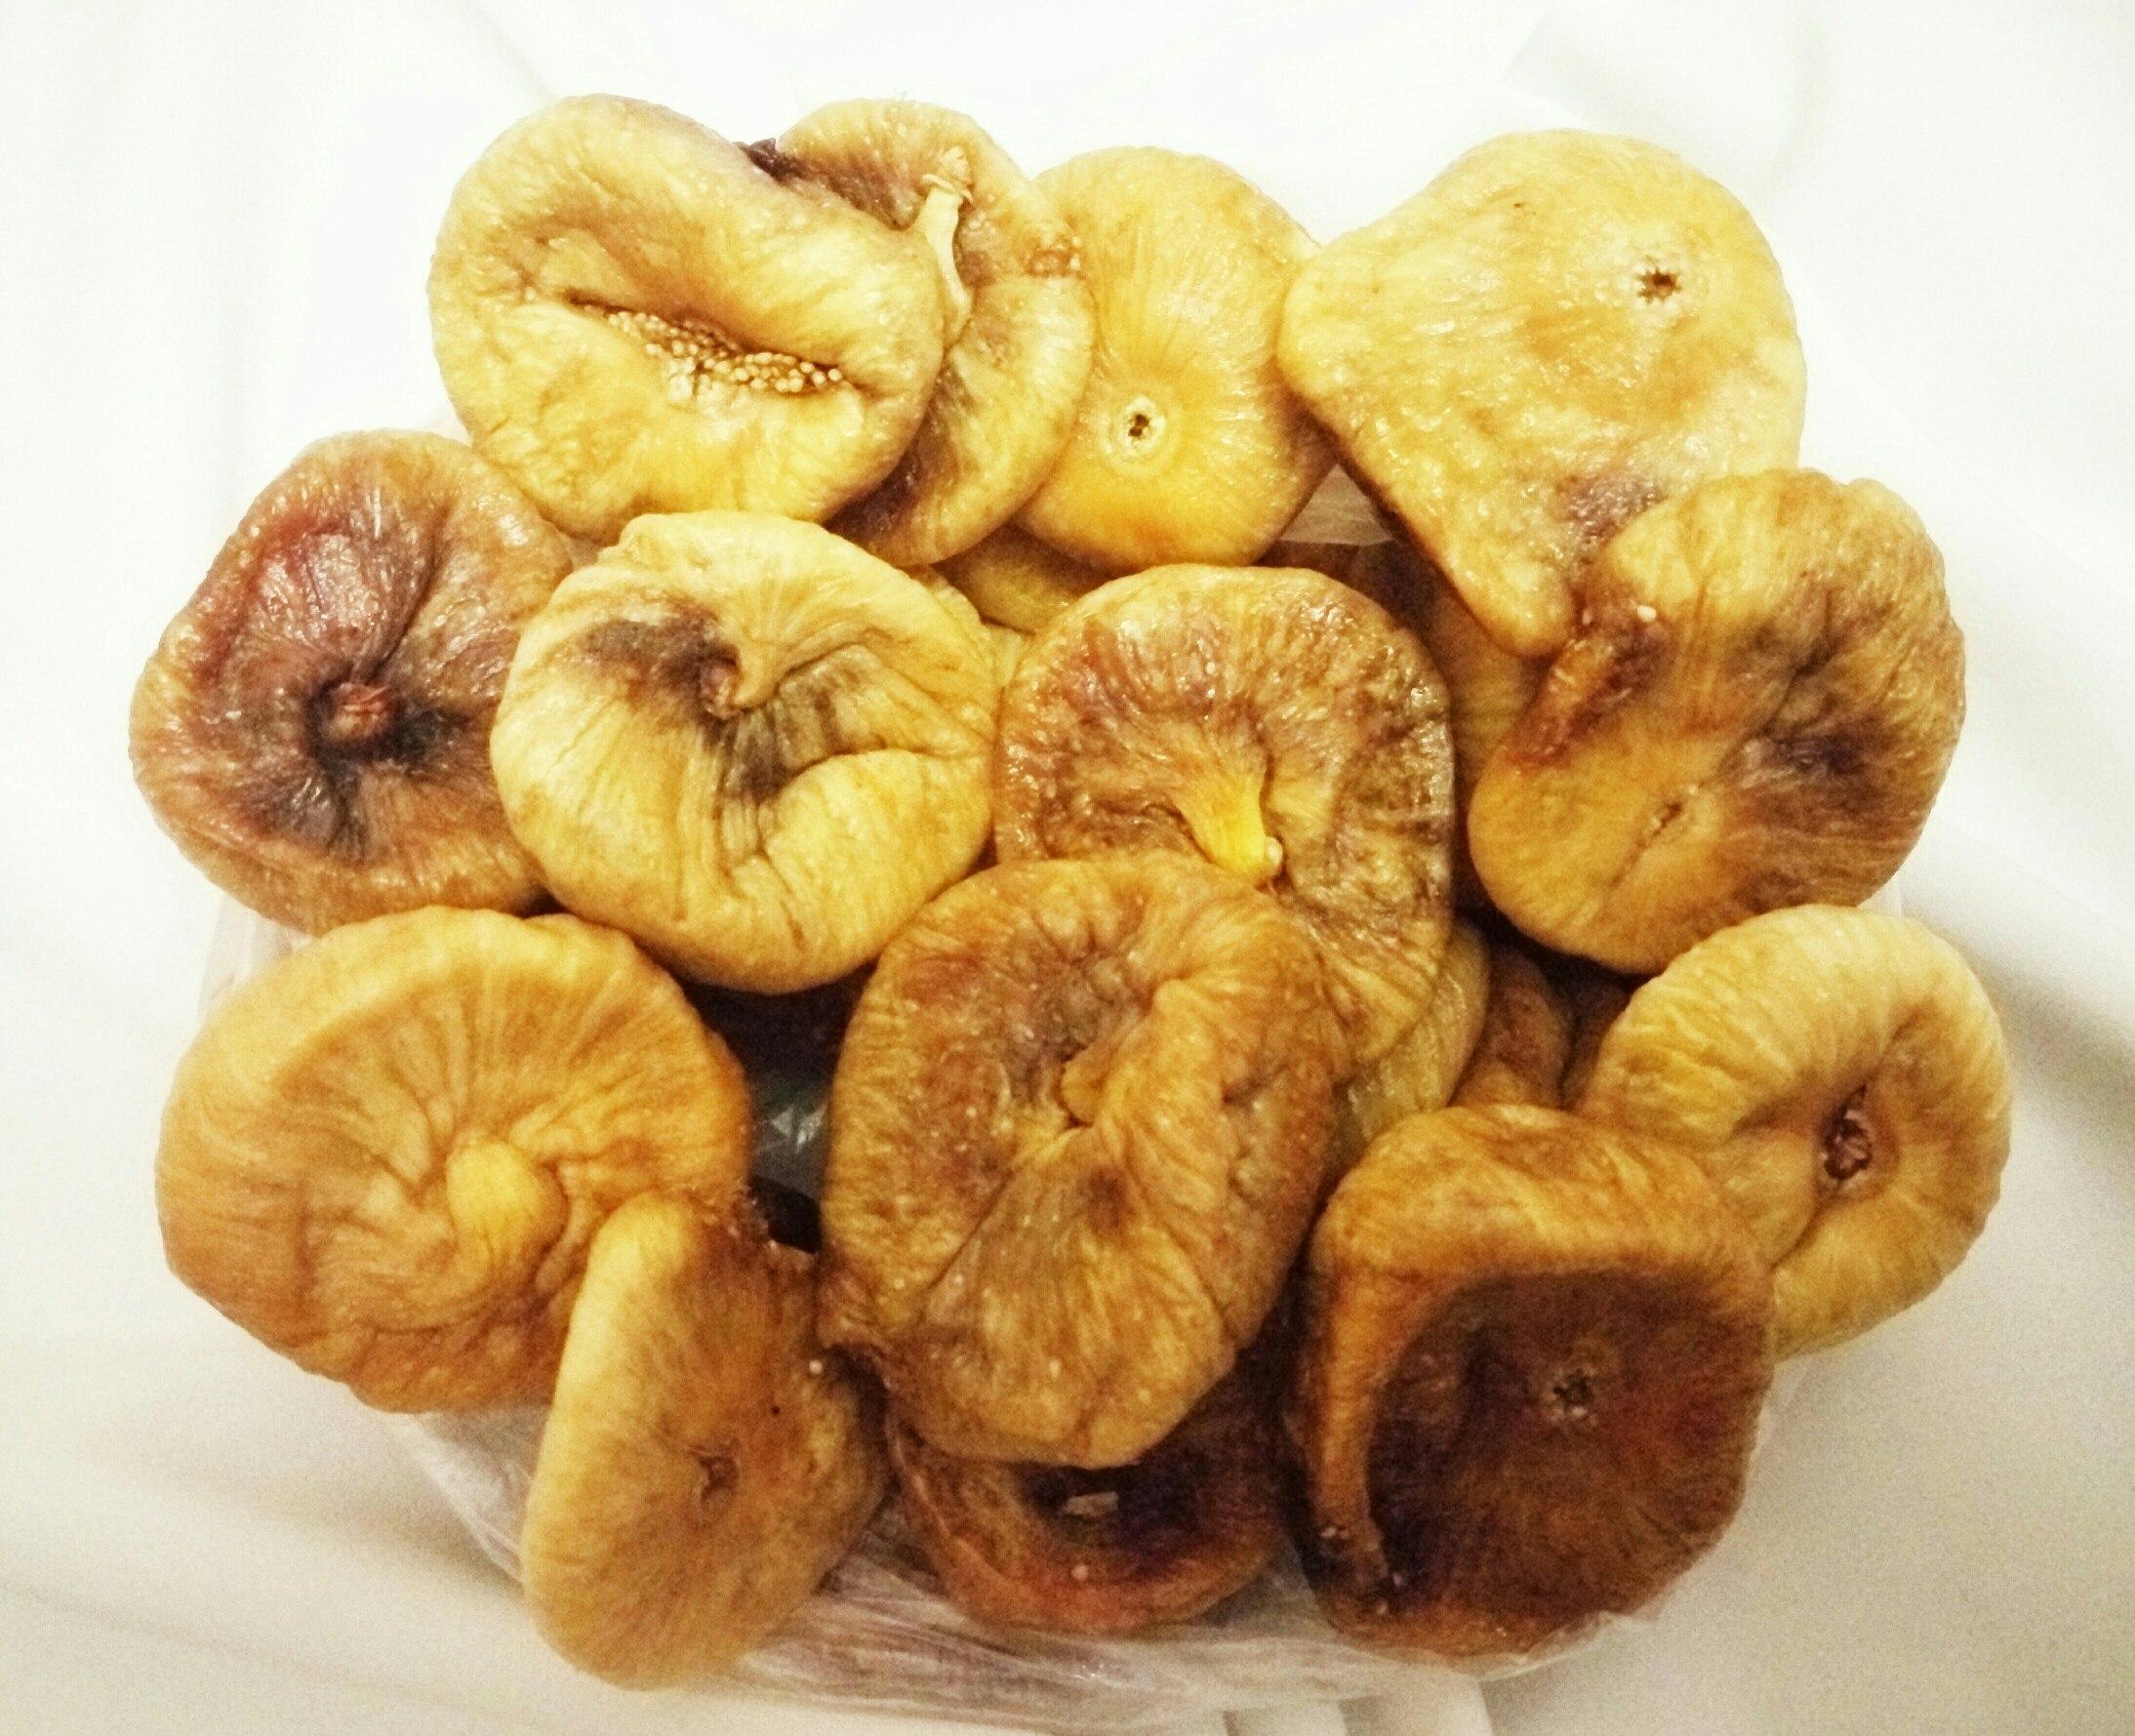 инжир сушеный фото плода что